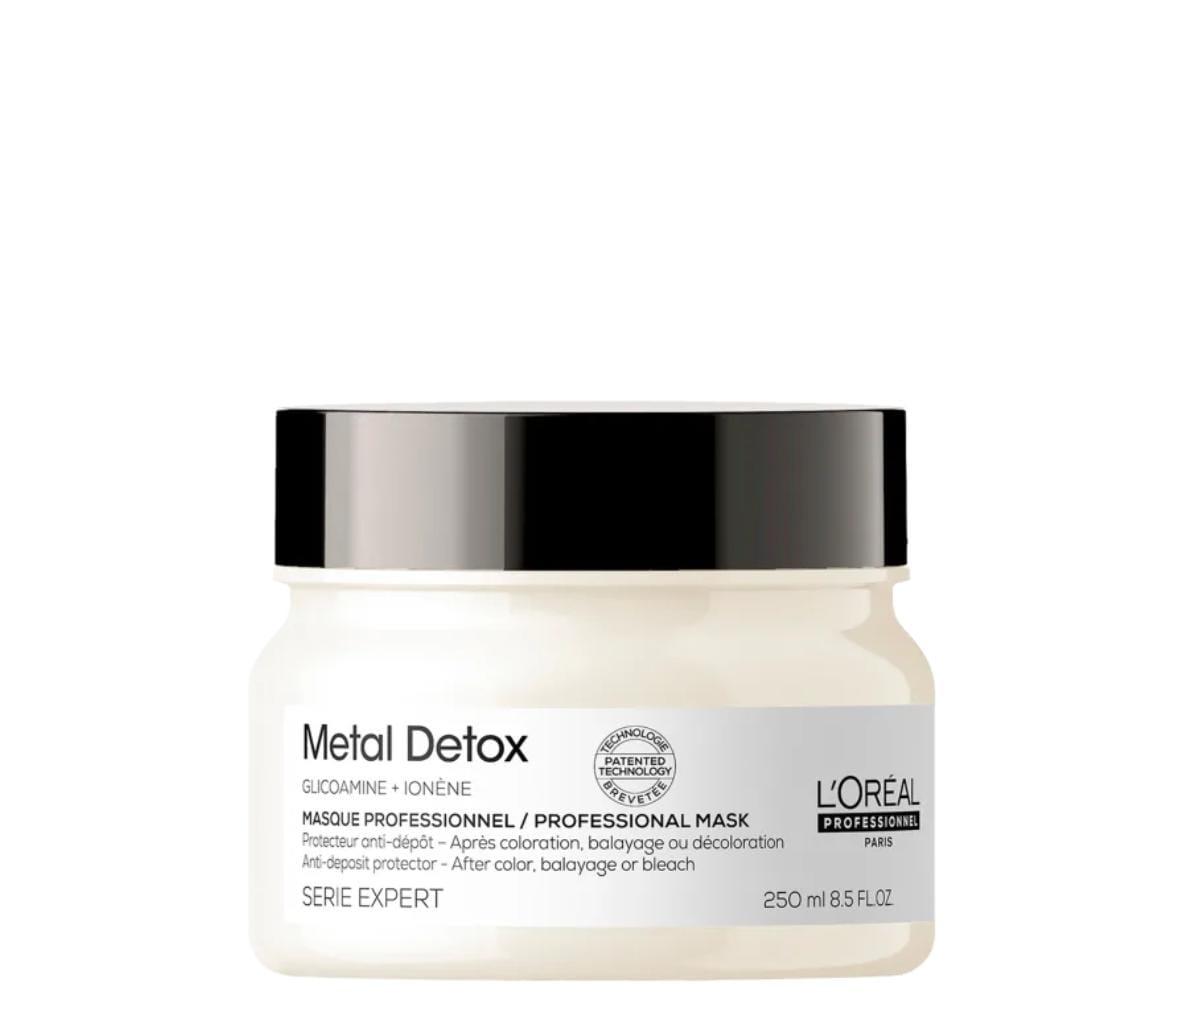 L'Oréal Professionnel Metal Detox - Mascara 250ml